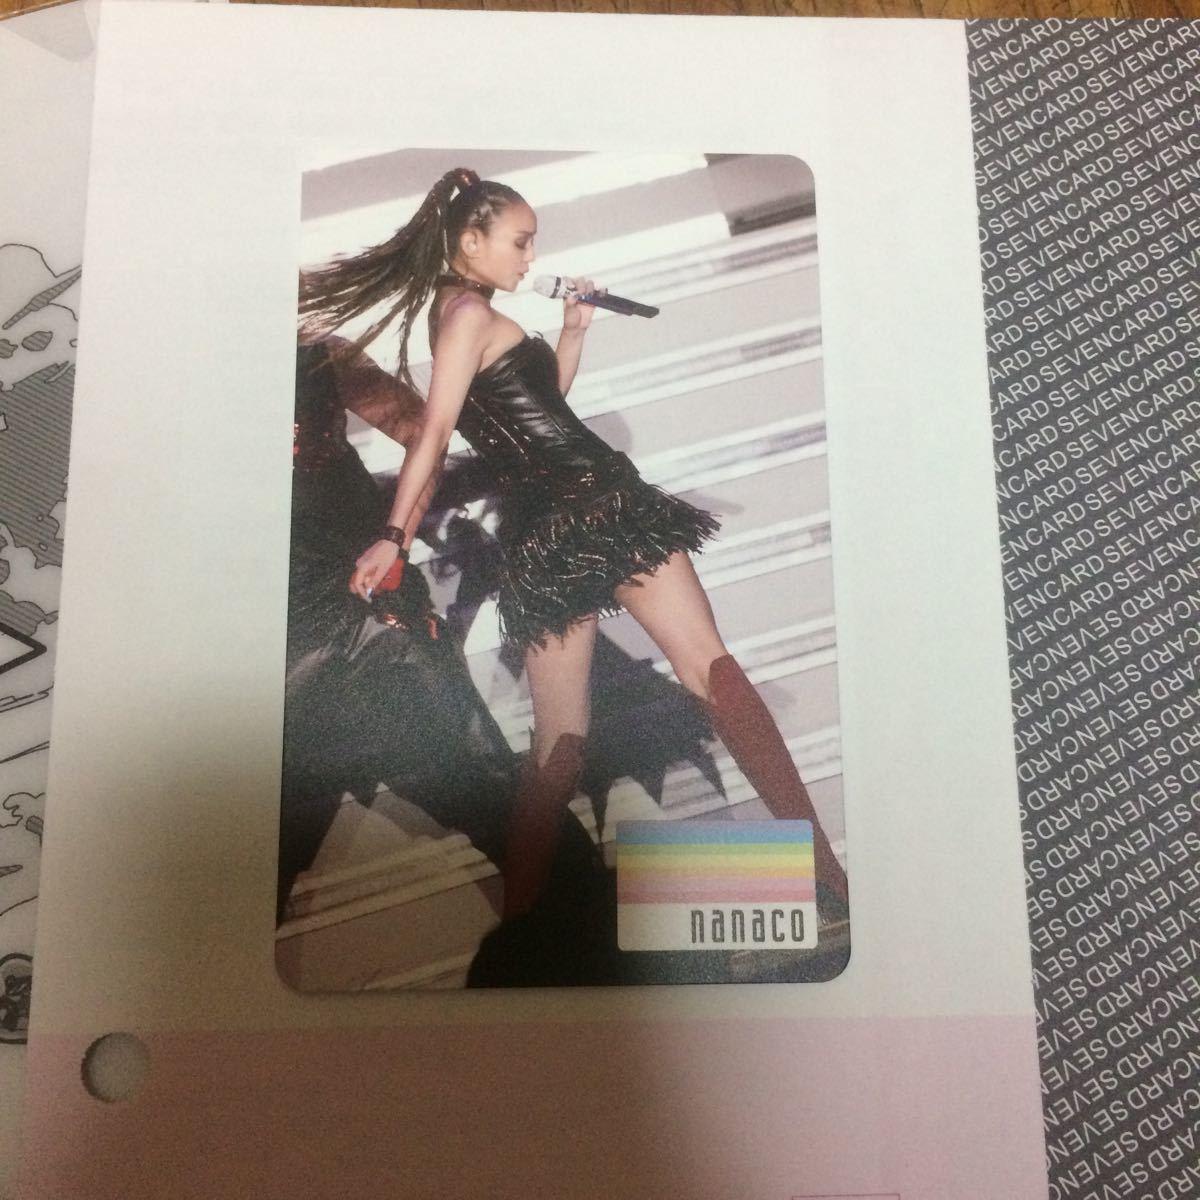 安室奈美恵 nanacoカード&ONE PIECE ミニファイル_画像2